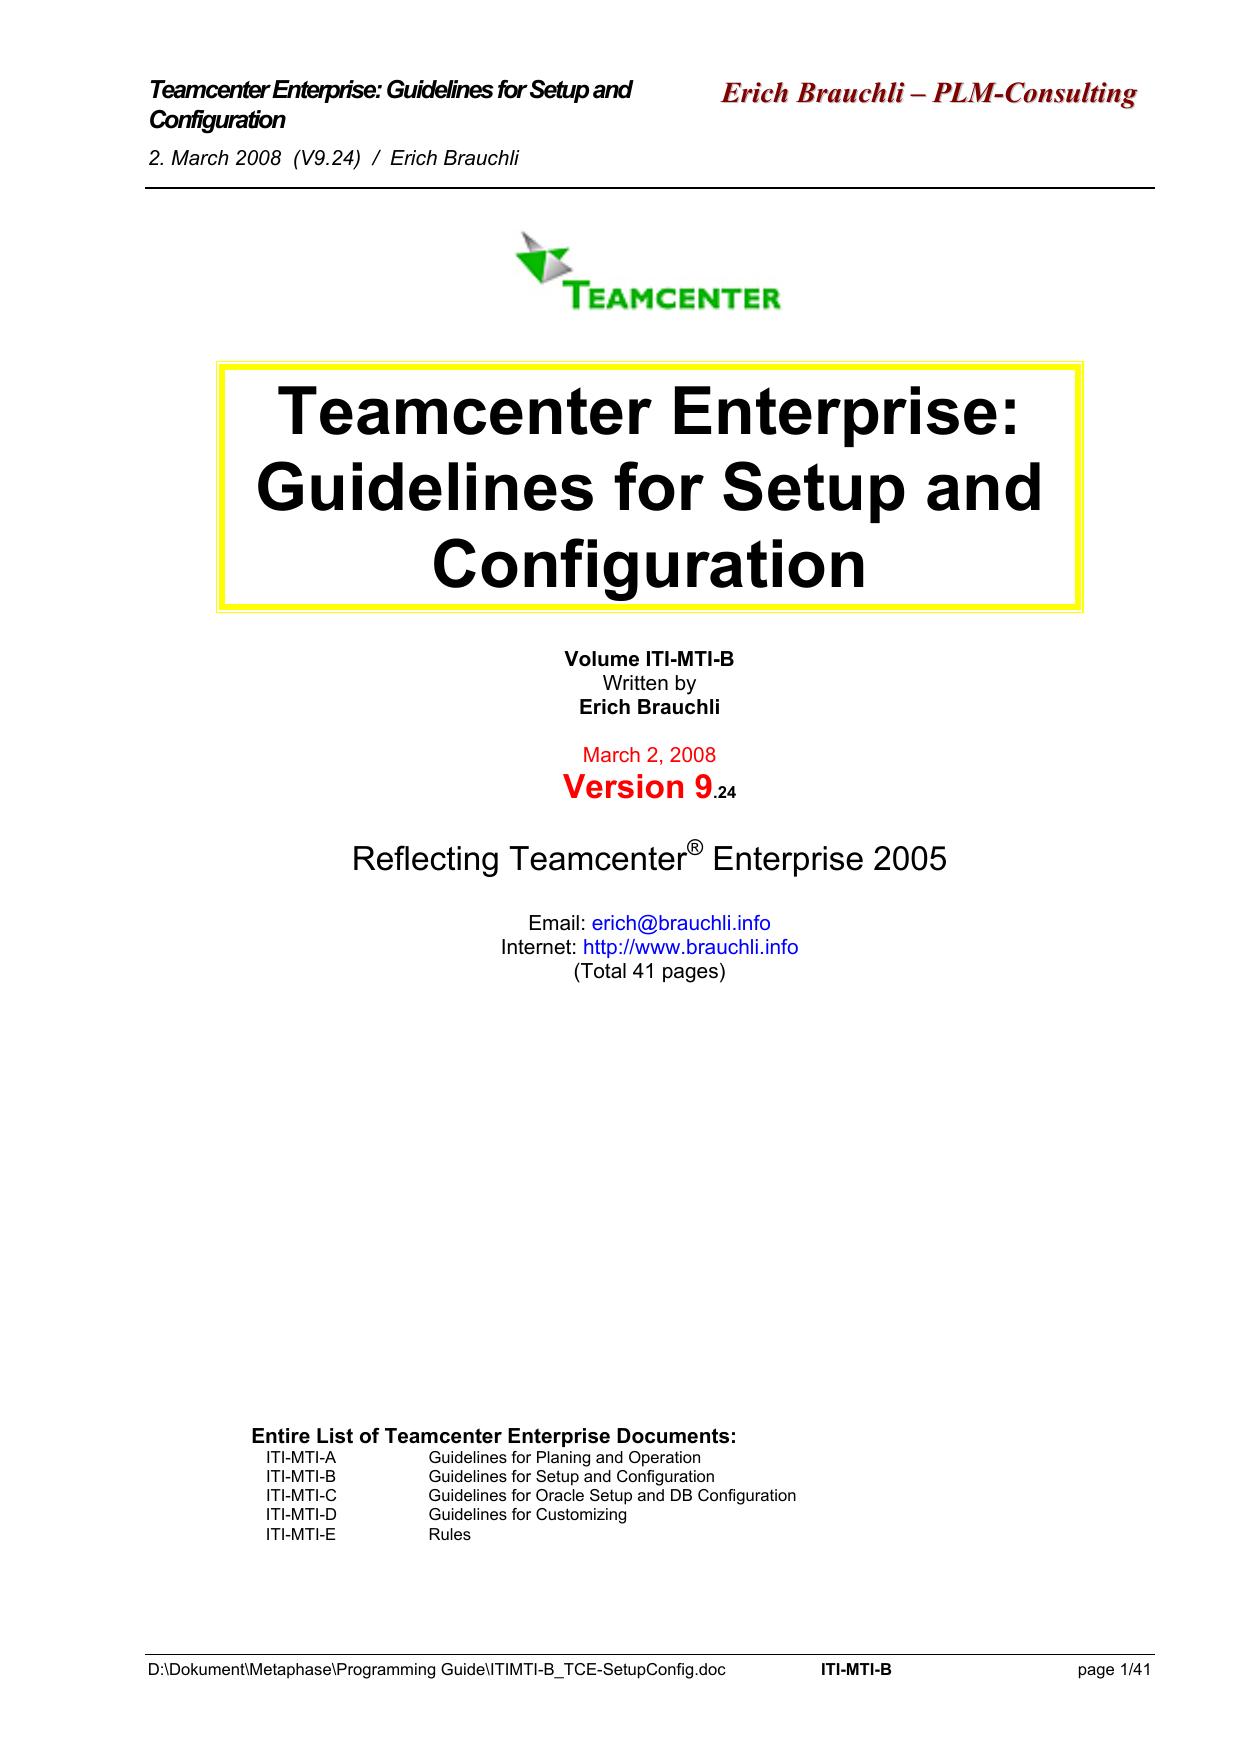 Teamcenter Enterprise - Erich Brauchli — IT | manualzz com